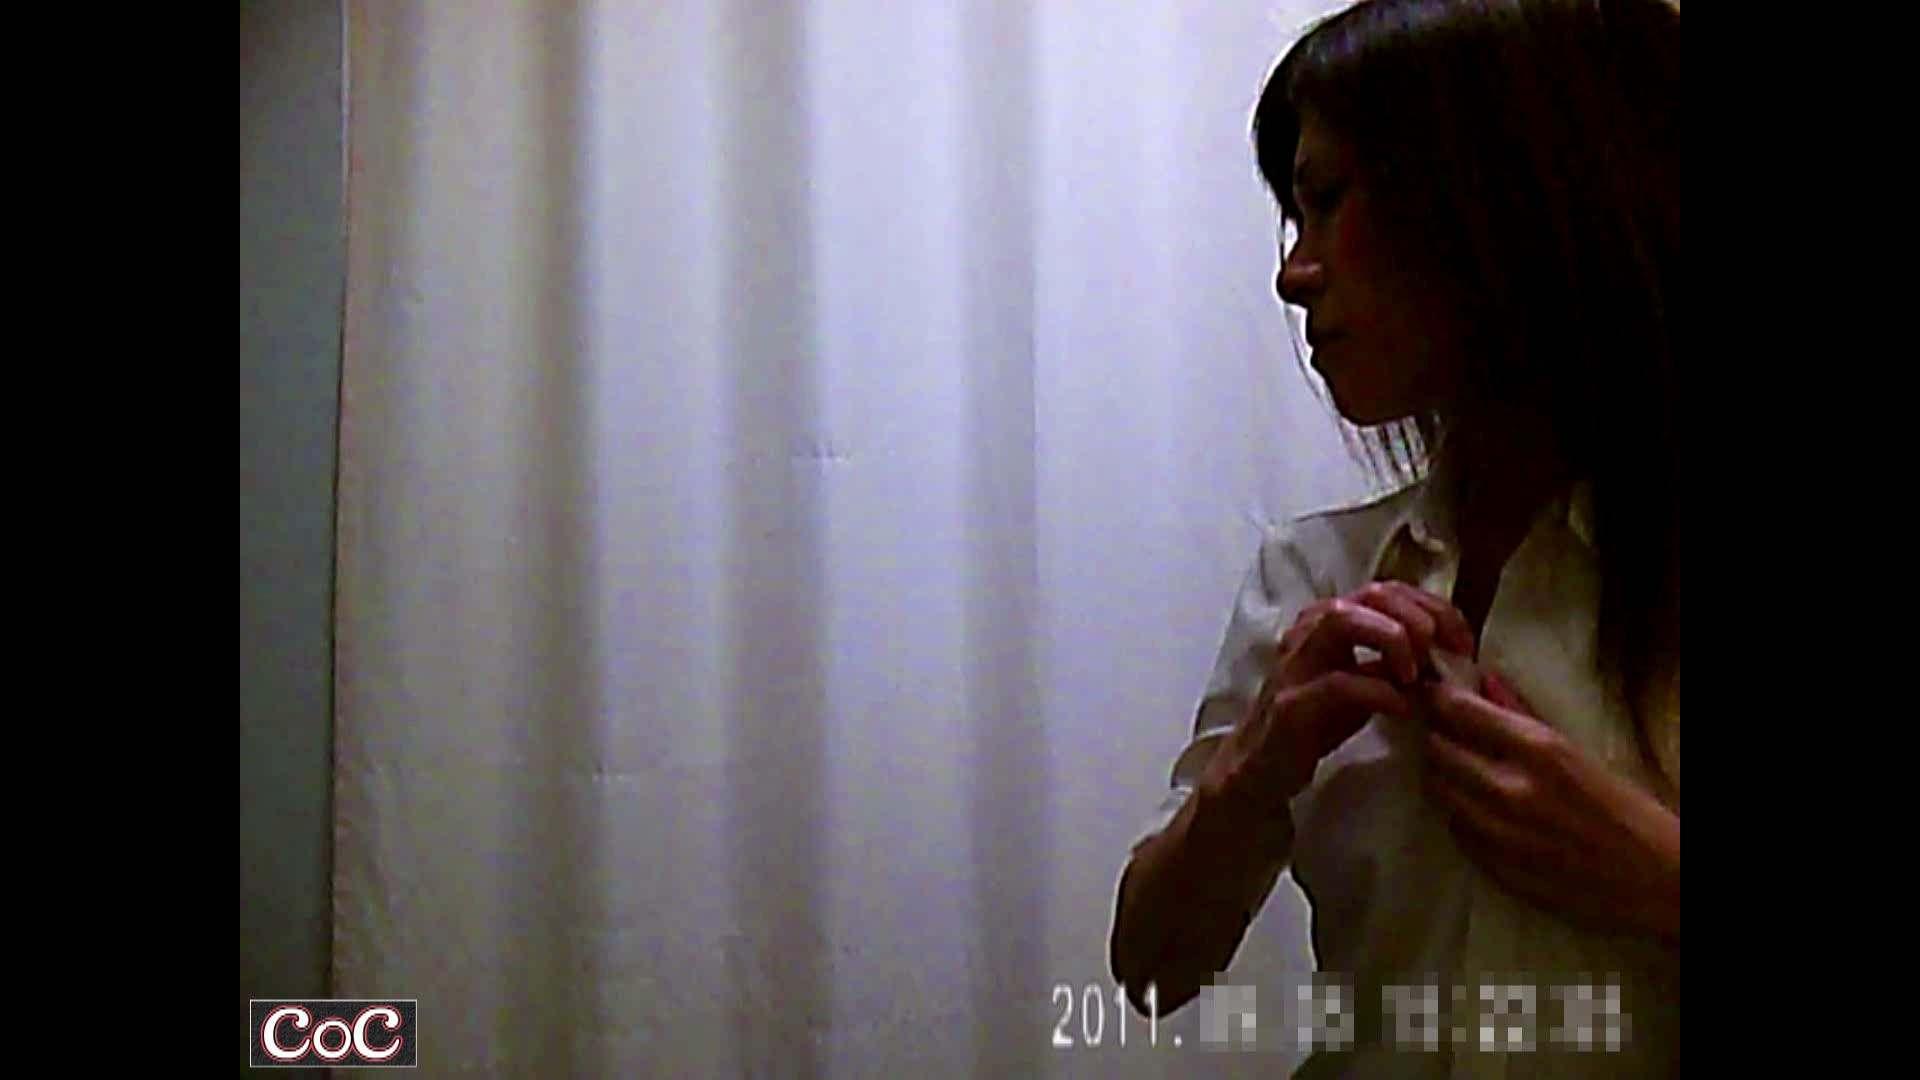 病院おもいっきり着替え! vol.20 盗撮特集 オマンコ動画キャプチャ 80画像 26